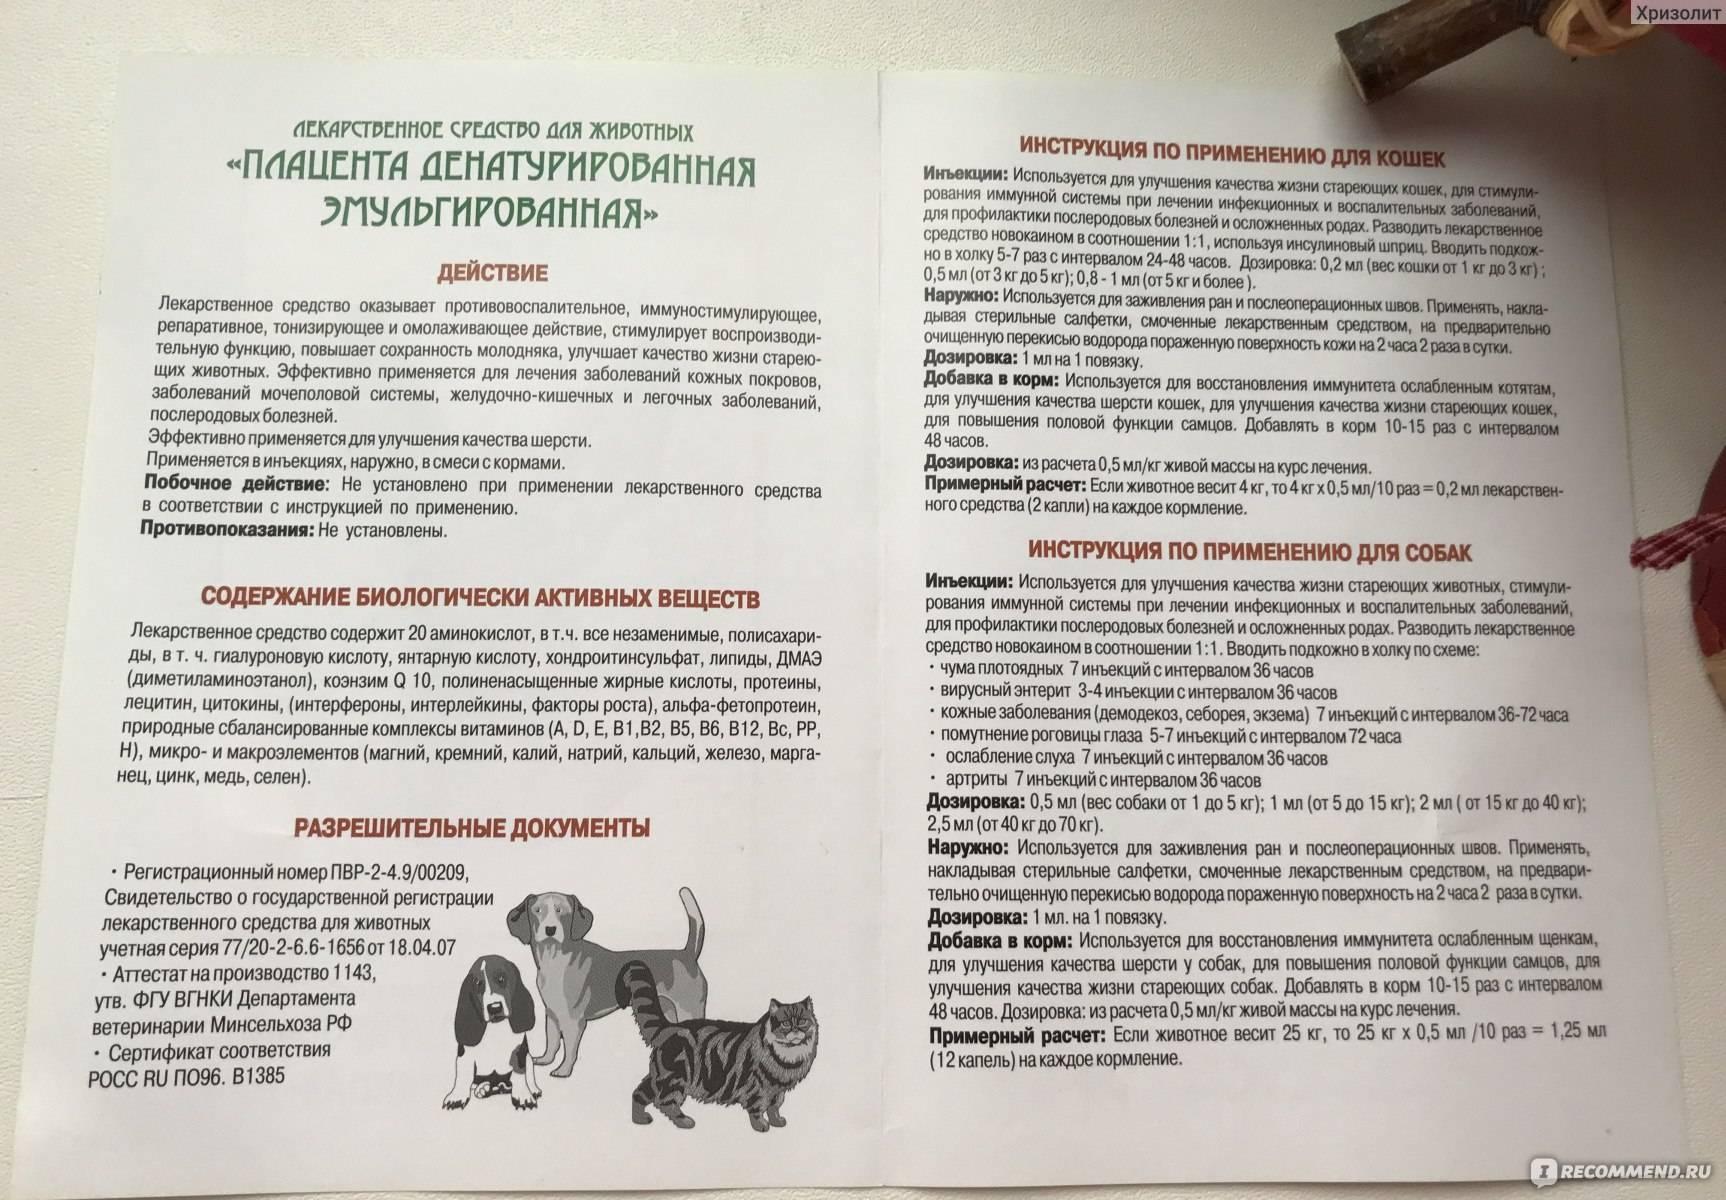 Ронколейкин для кошек: инструкция по применению в ветеринарии, дозировка и схема лечения